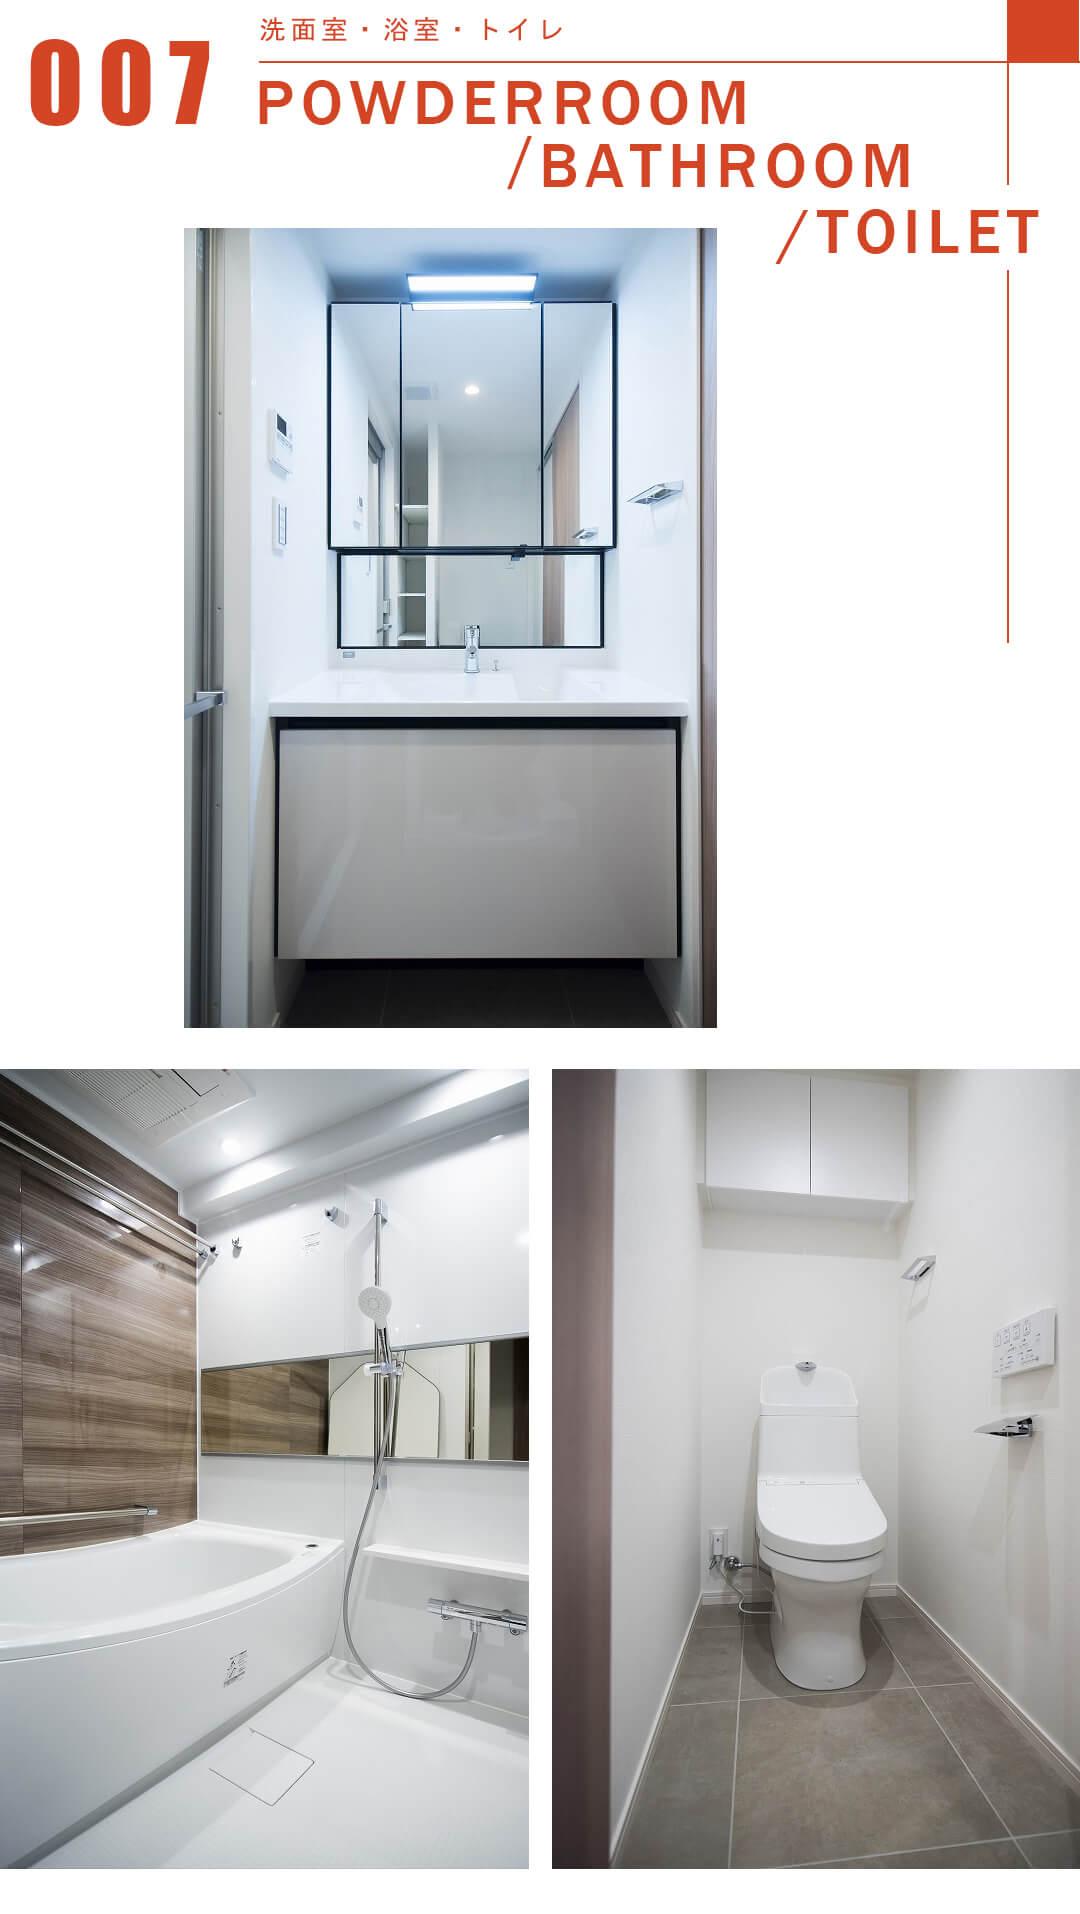 藤和シティホームズ阿佐ヶ谷駅前の洗面室と浴室とトイレ